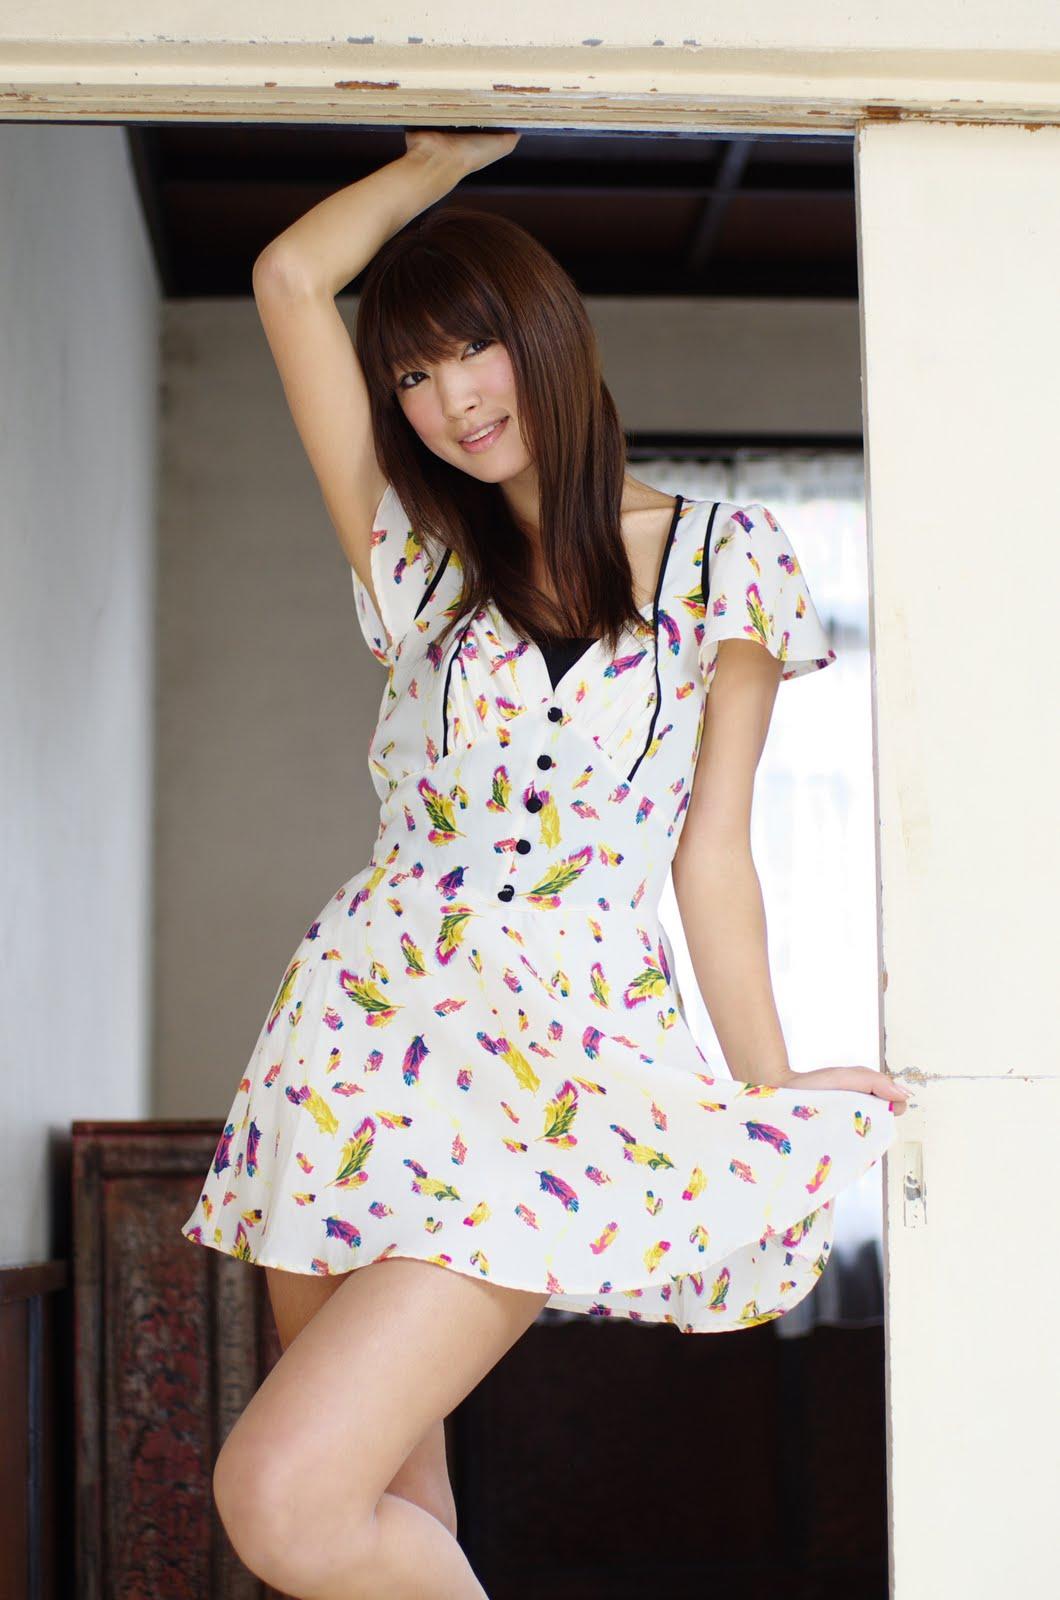 Minase yashiro (八代みなせ, yashiro minase) is a japanese gravure idol, actress and tv personality. Kozue Yashiro cute tall girl ~ Amy Solutions